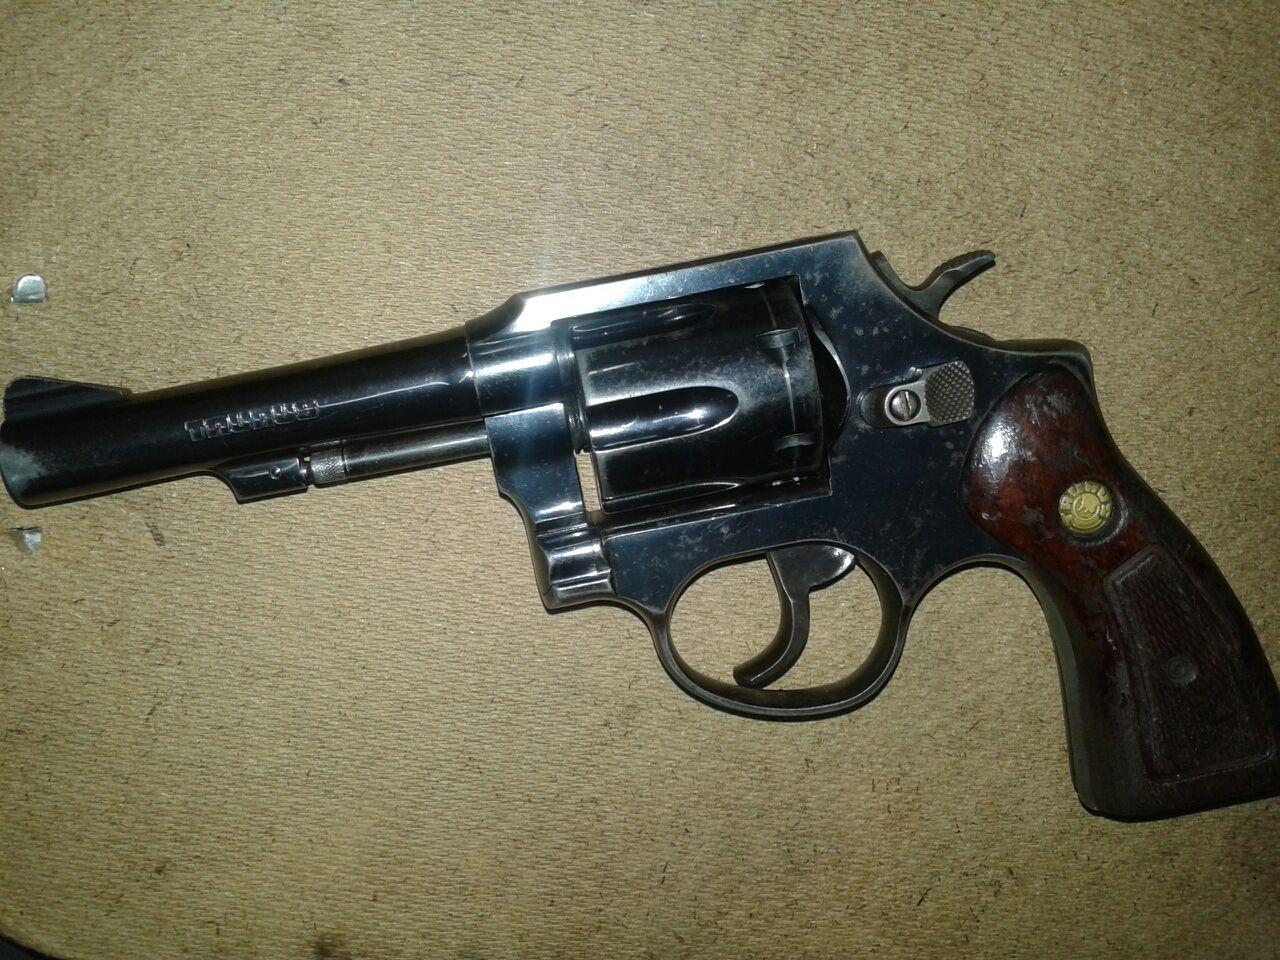 Menor é apreendida com carro roubado e arma de fogo, em Goiânia